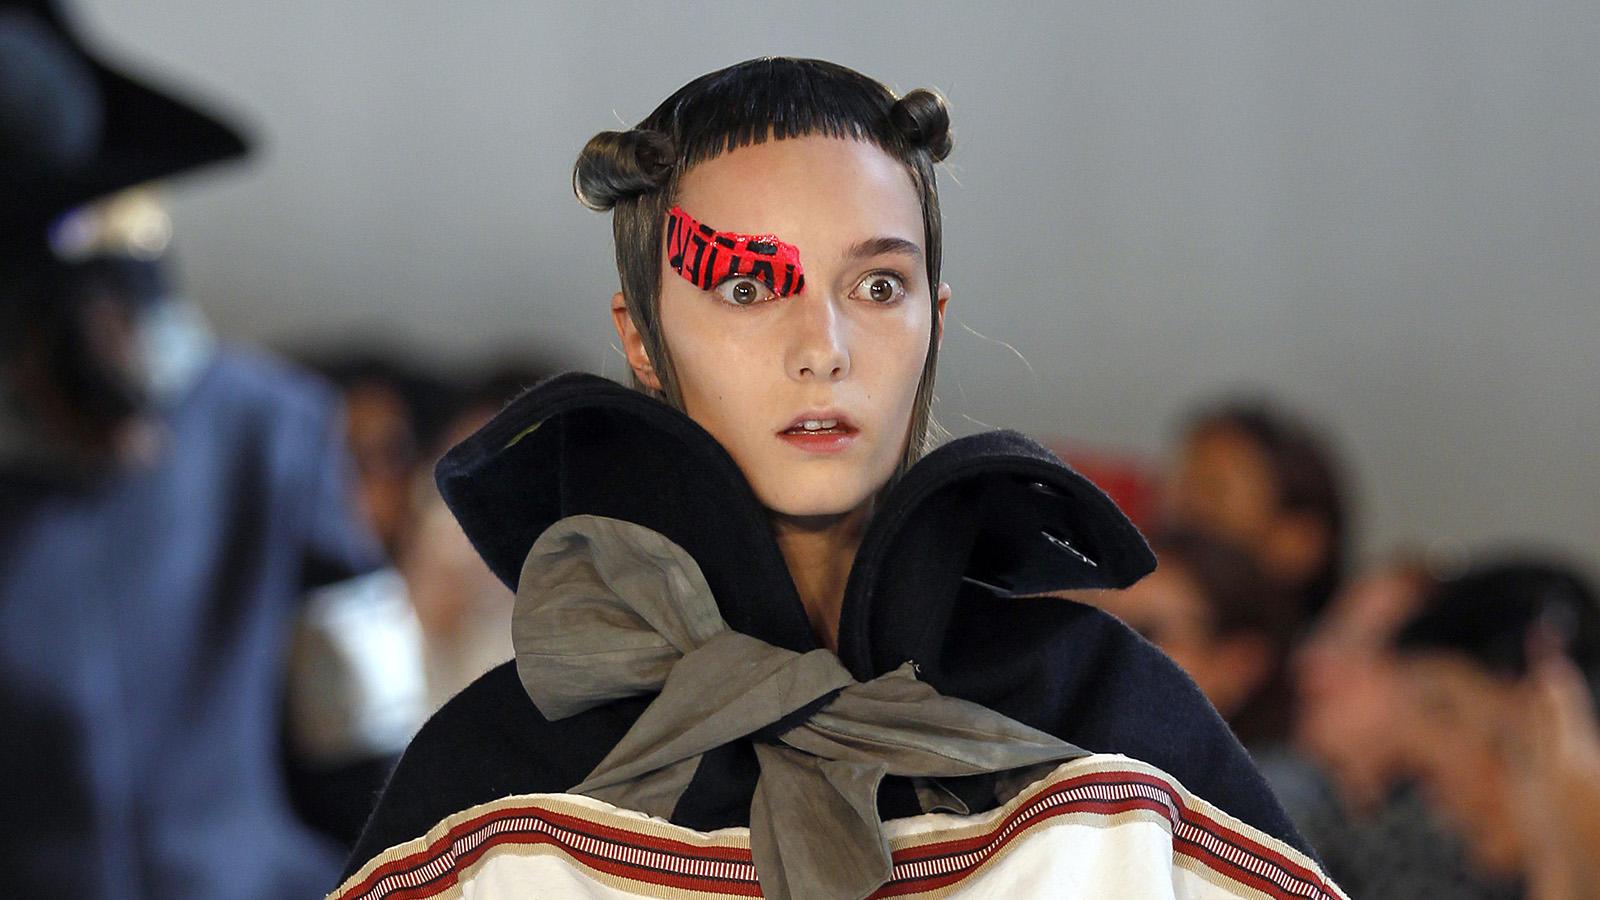 Ha a Trendközelben lelkes követője vagy, most csemegézhetsz: összeszedtük a 2016-os Párizsi Haute Couture Divathét legőrültebb szettjeit: Chanel, Dior, Lee Young HEE, Armani és Maison Margiela tervezőinél biztos, hogy elgurult a gyógyszer, katt a képekért!